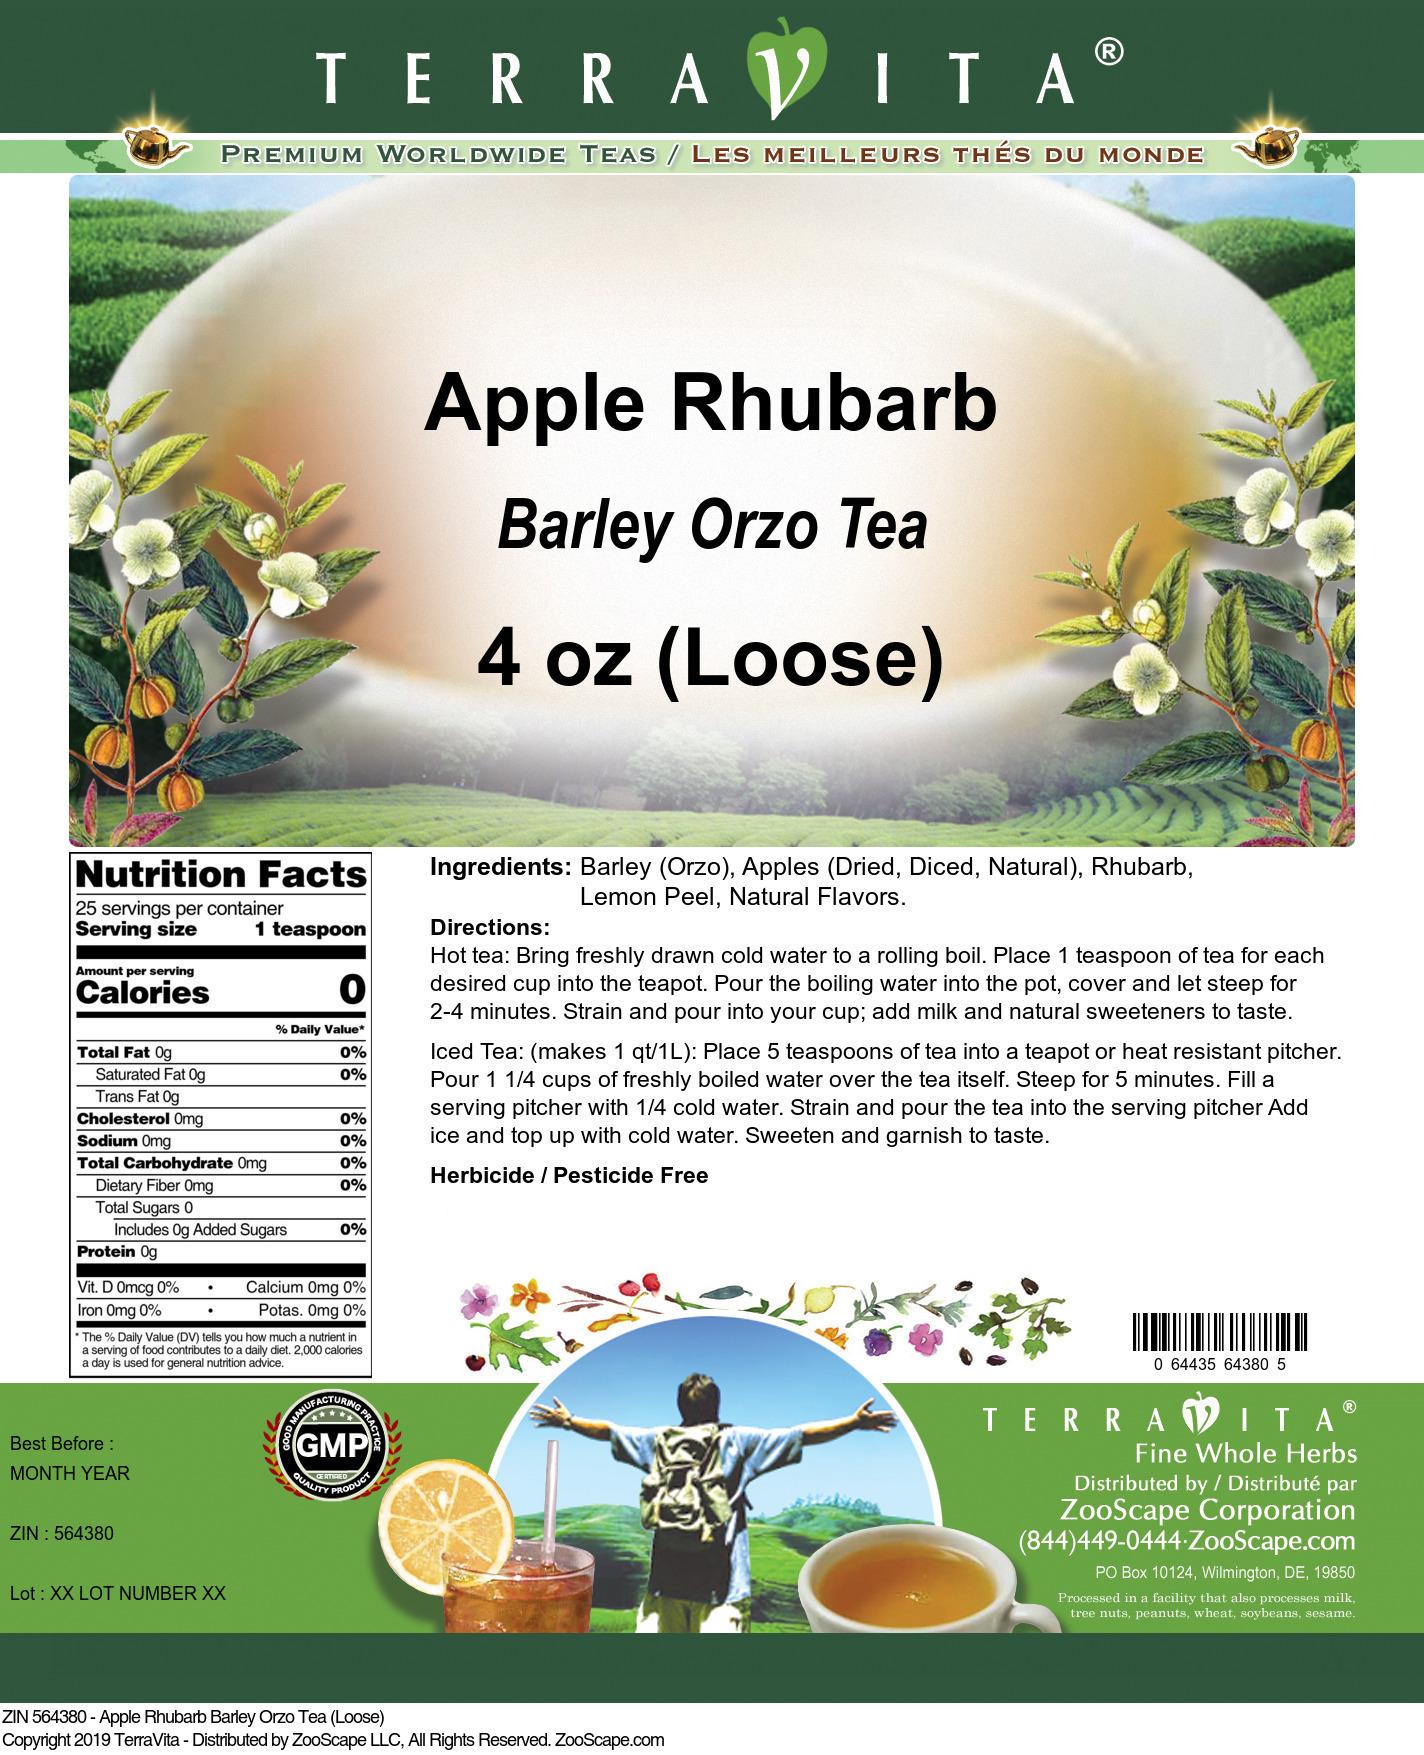 Apple Rhubarb Barley Orzo Tea (Loose)